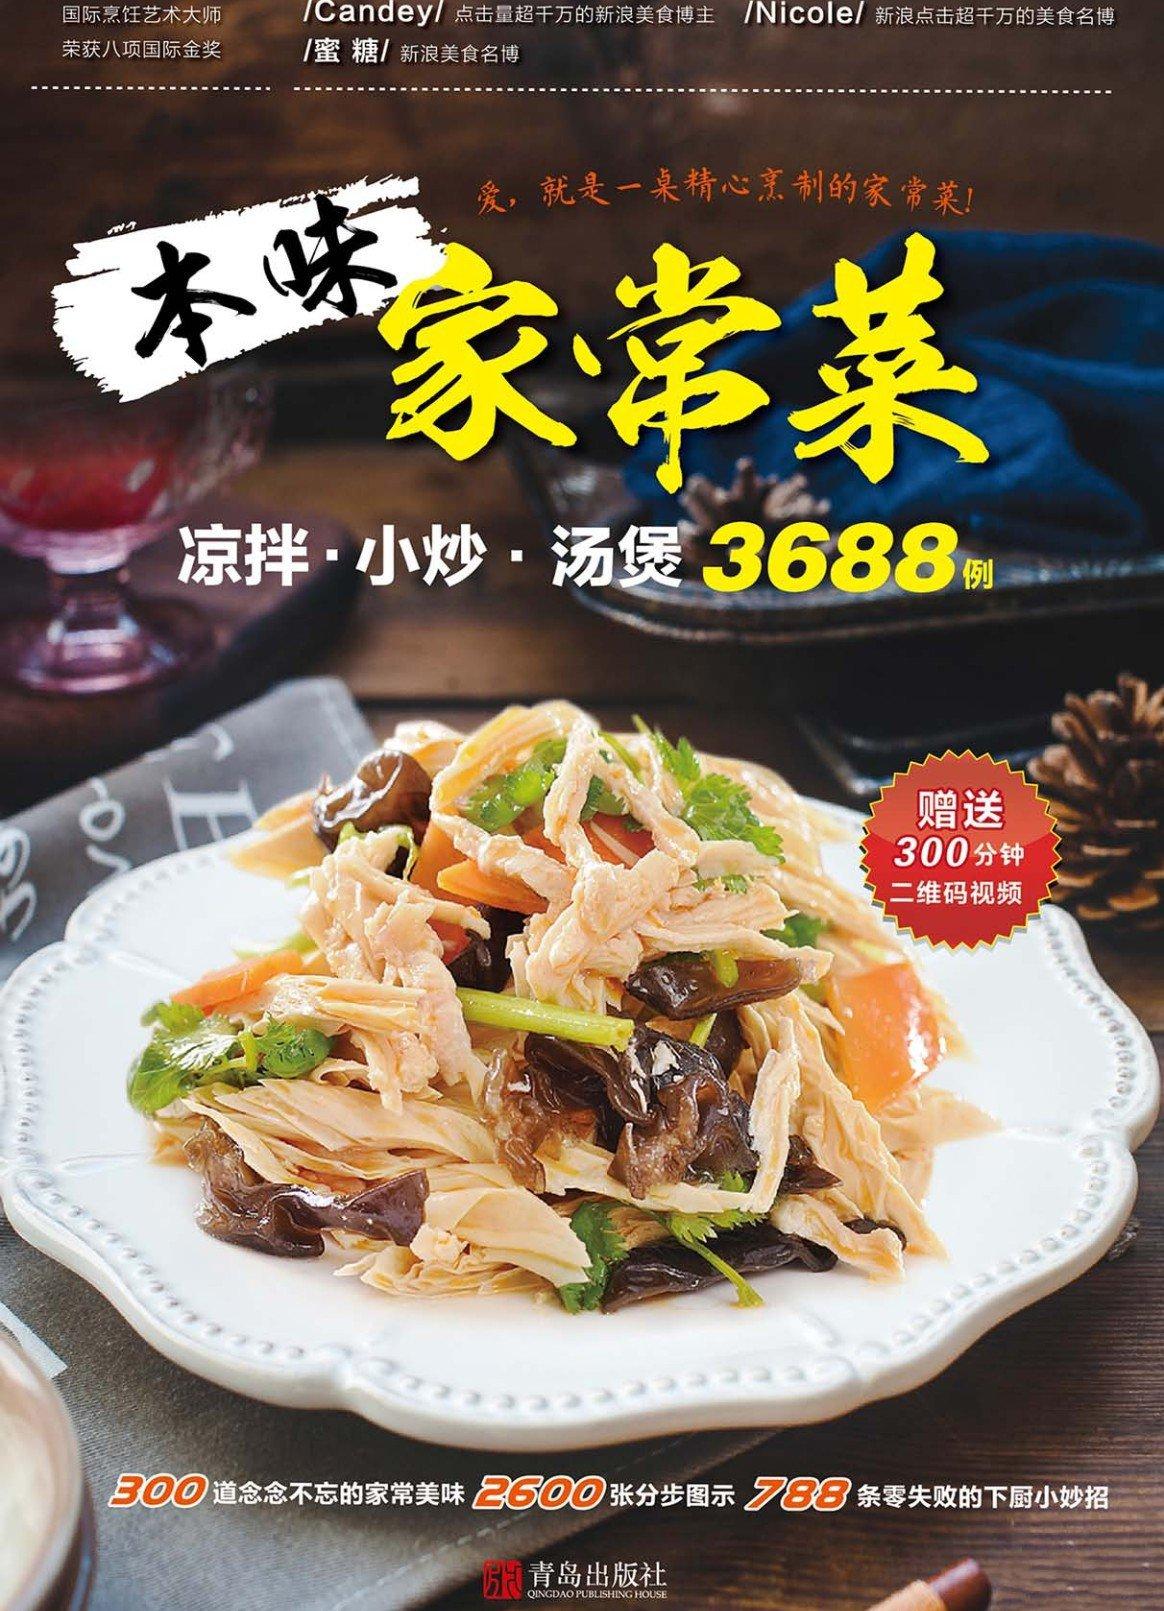 20191025173317441744 - 本味家常菜 : 凉拌小炒汤煲3688例